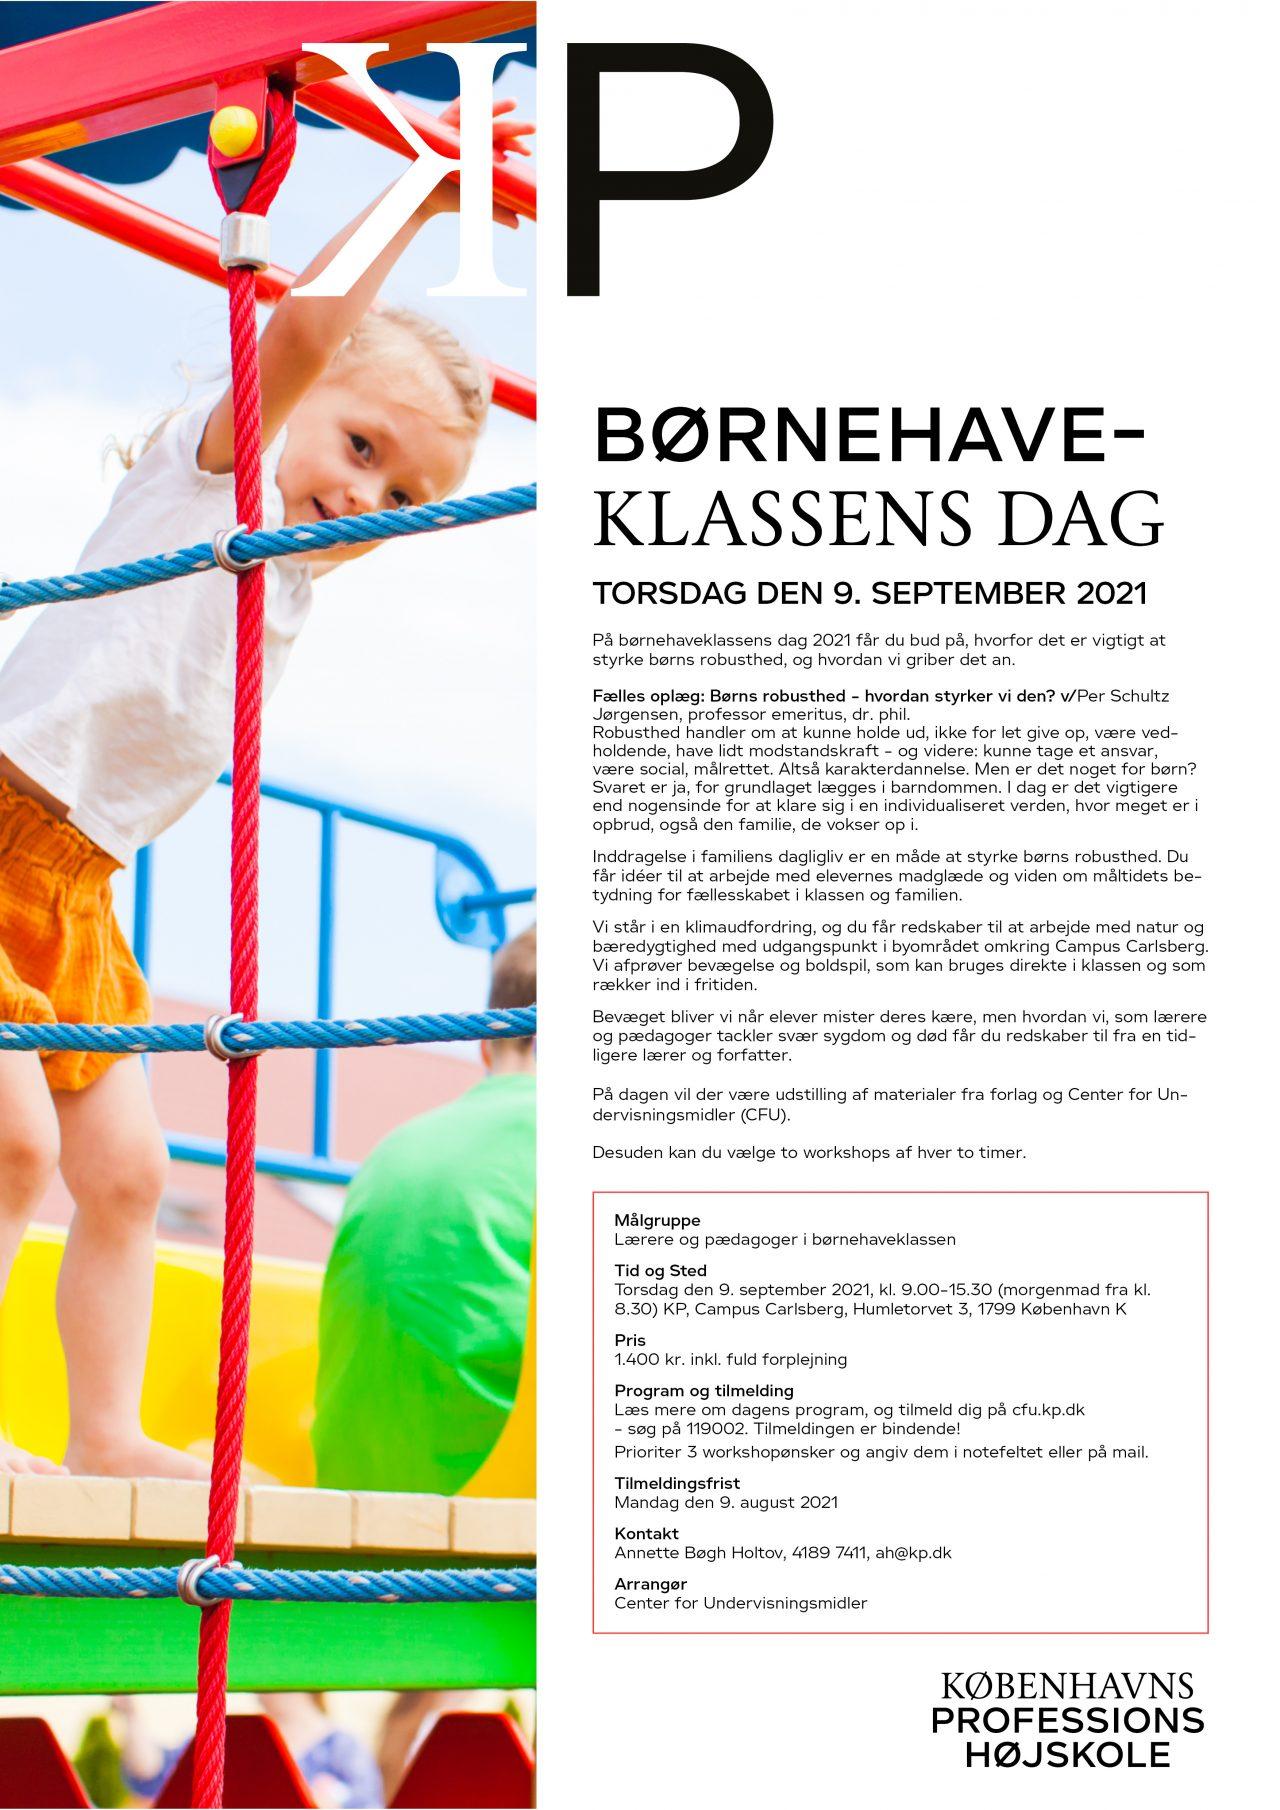 plakat-boernehaveklassens-dag-2021